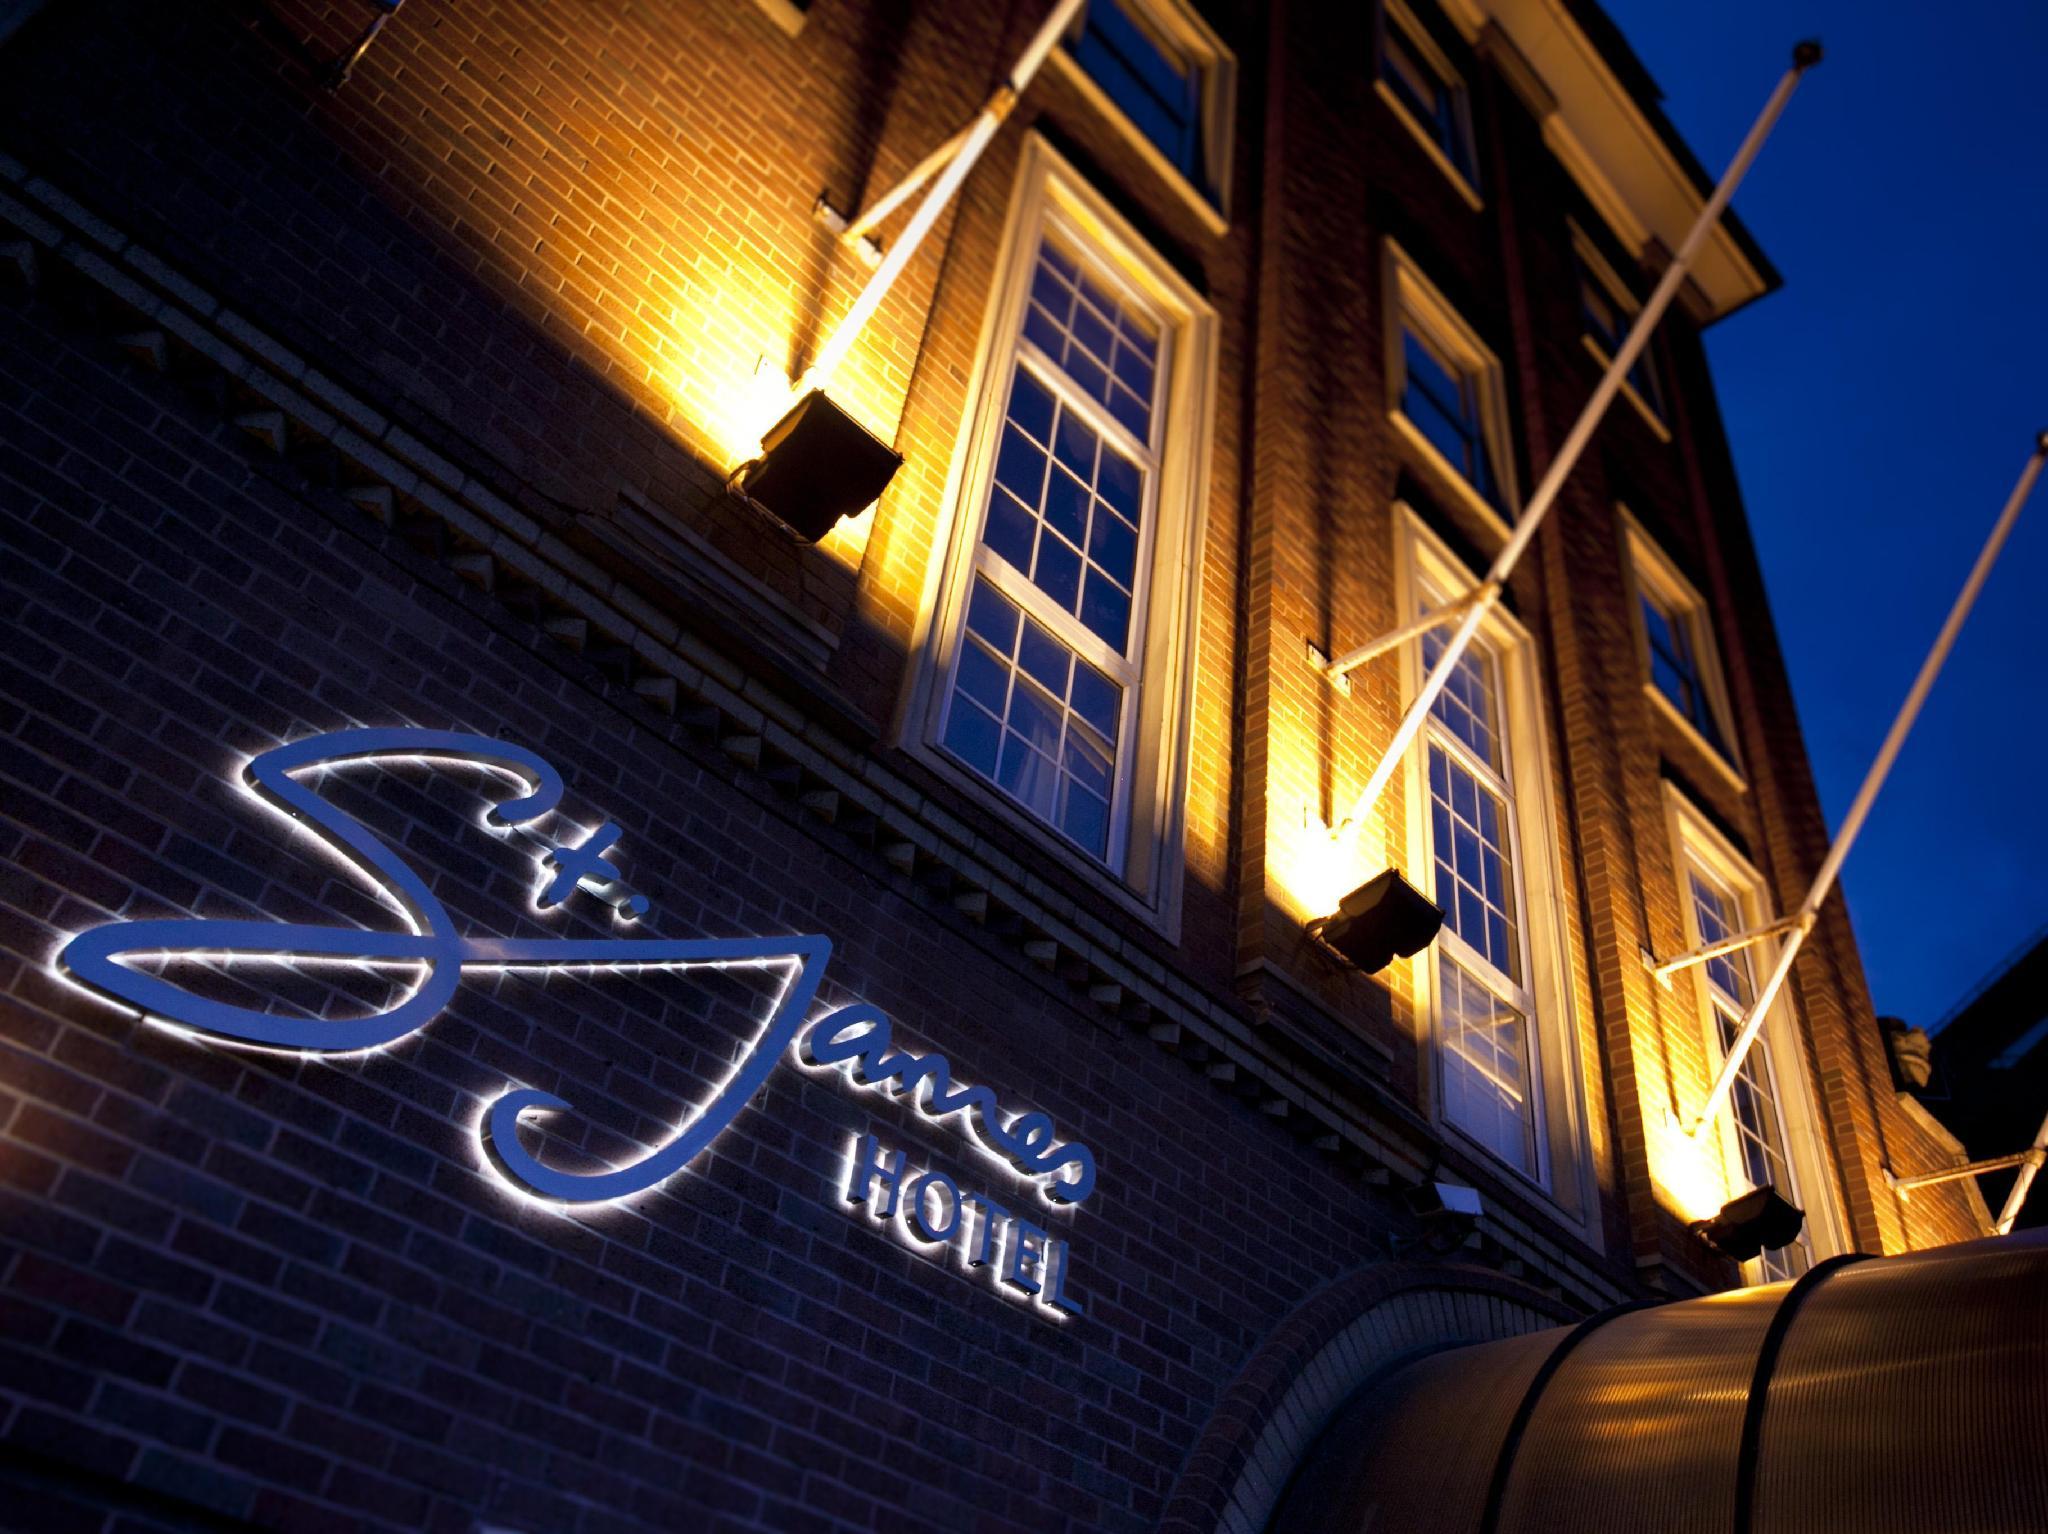 St James Hotel - Nottingham